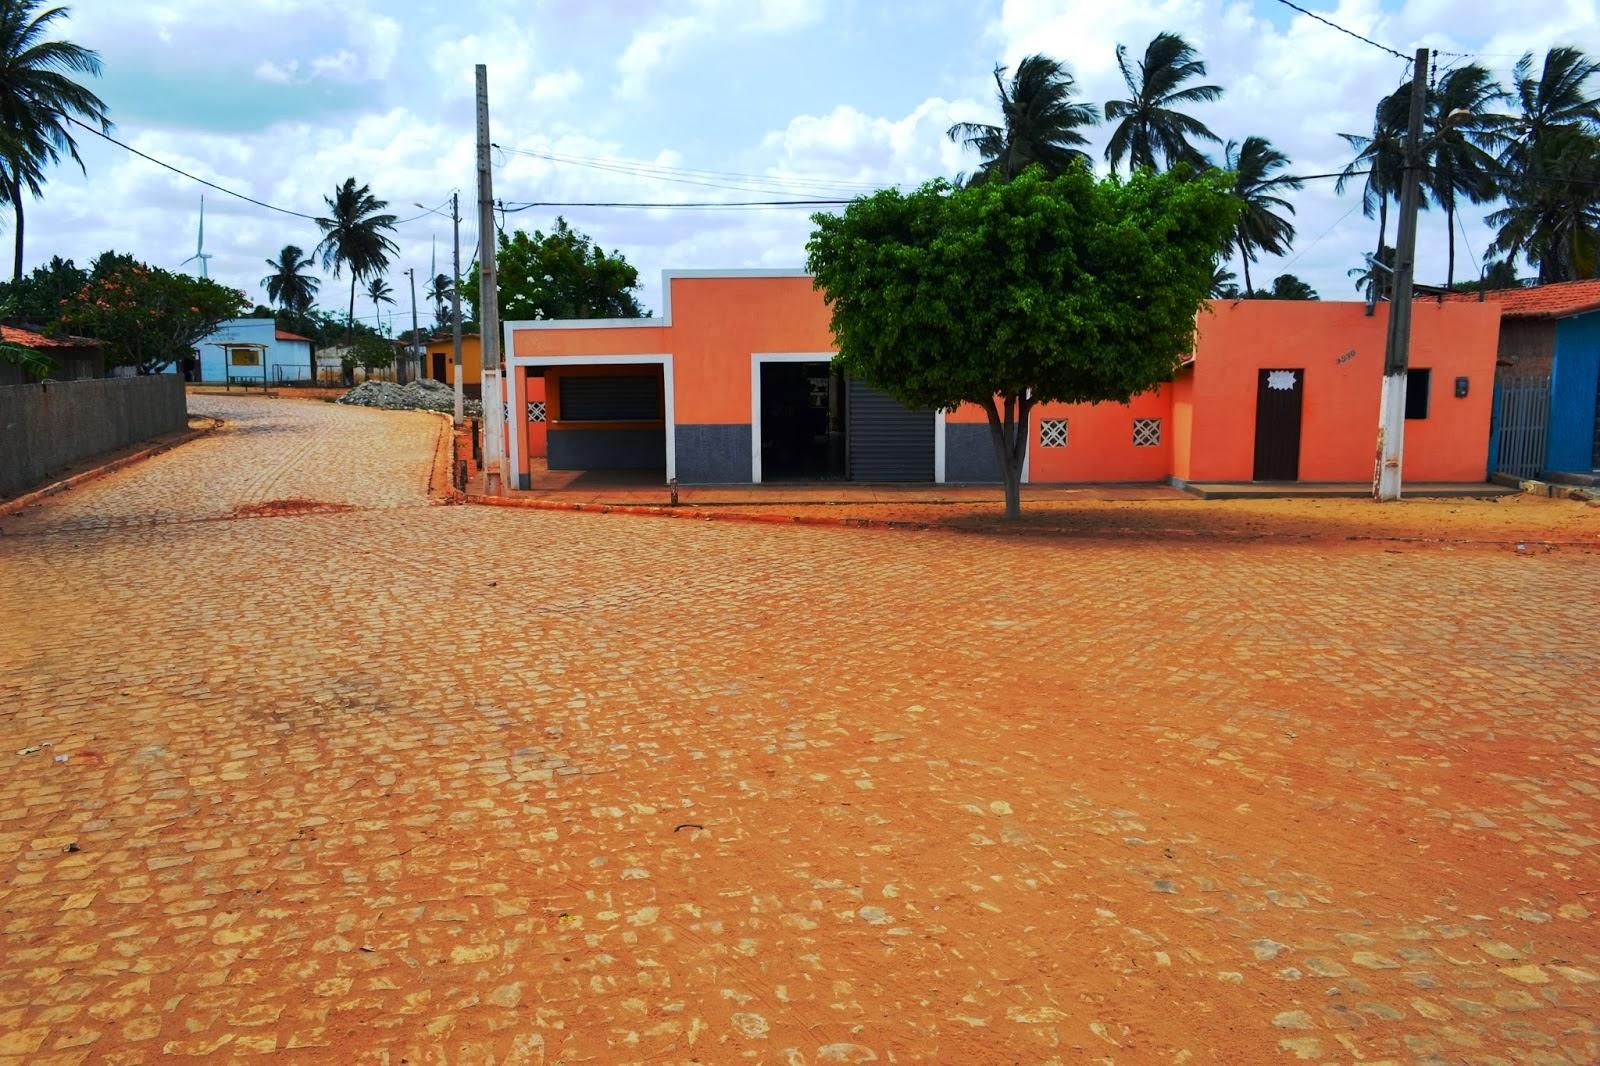 Vende-se Casa com Ponto de Comércio na Praia de Enxú Queimado/Pedra Grande-RN. Fone(084) 3555-5013